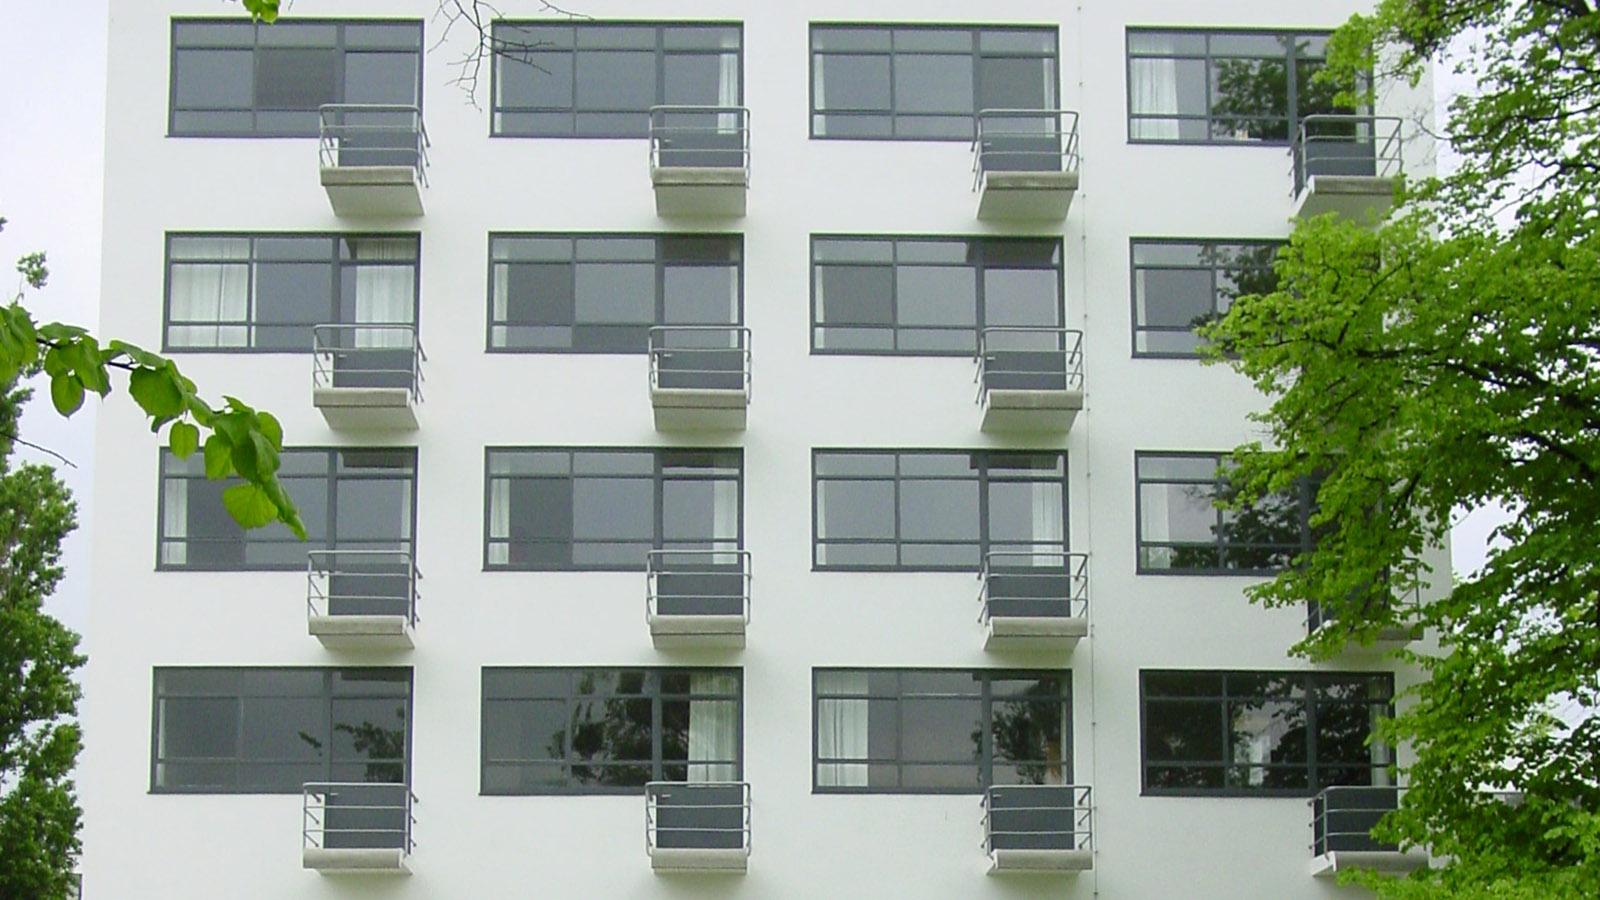 Blaues Band, Die Balkone an der Ostfassade des Bauhauses in Dessau. Foto: Hilke Maunder